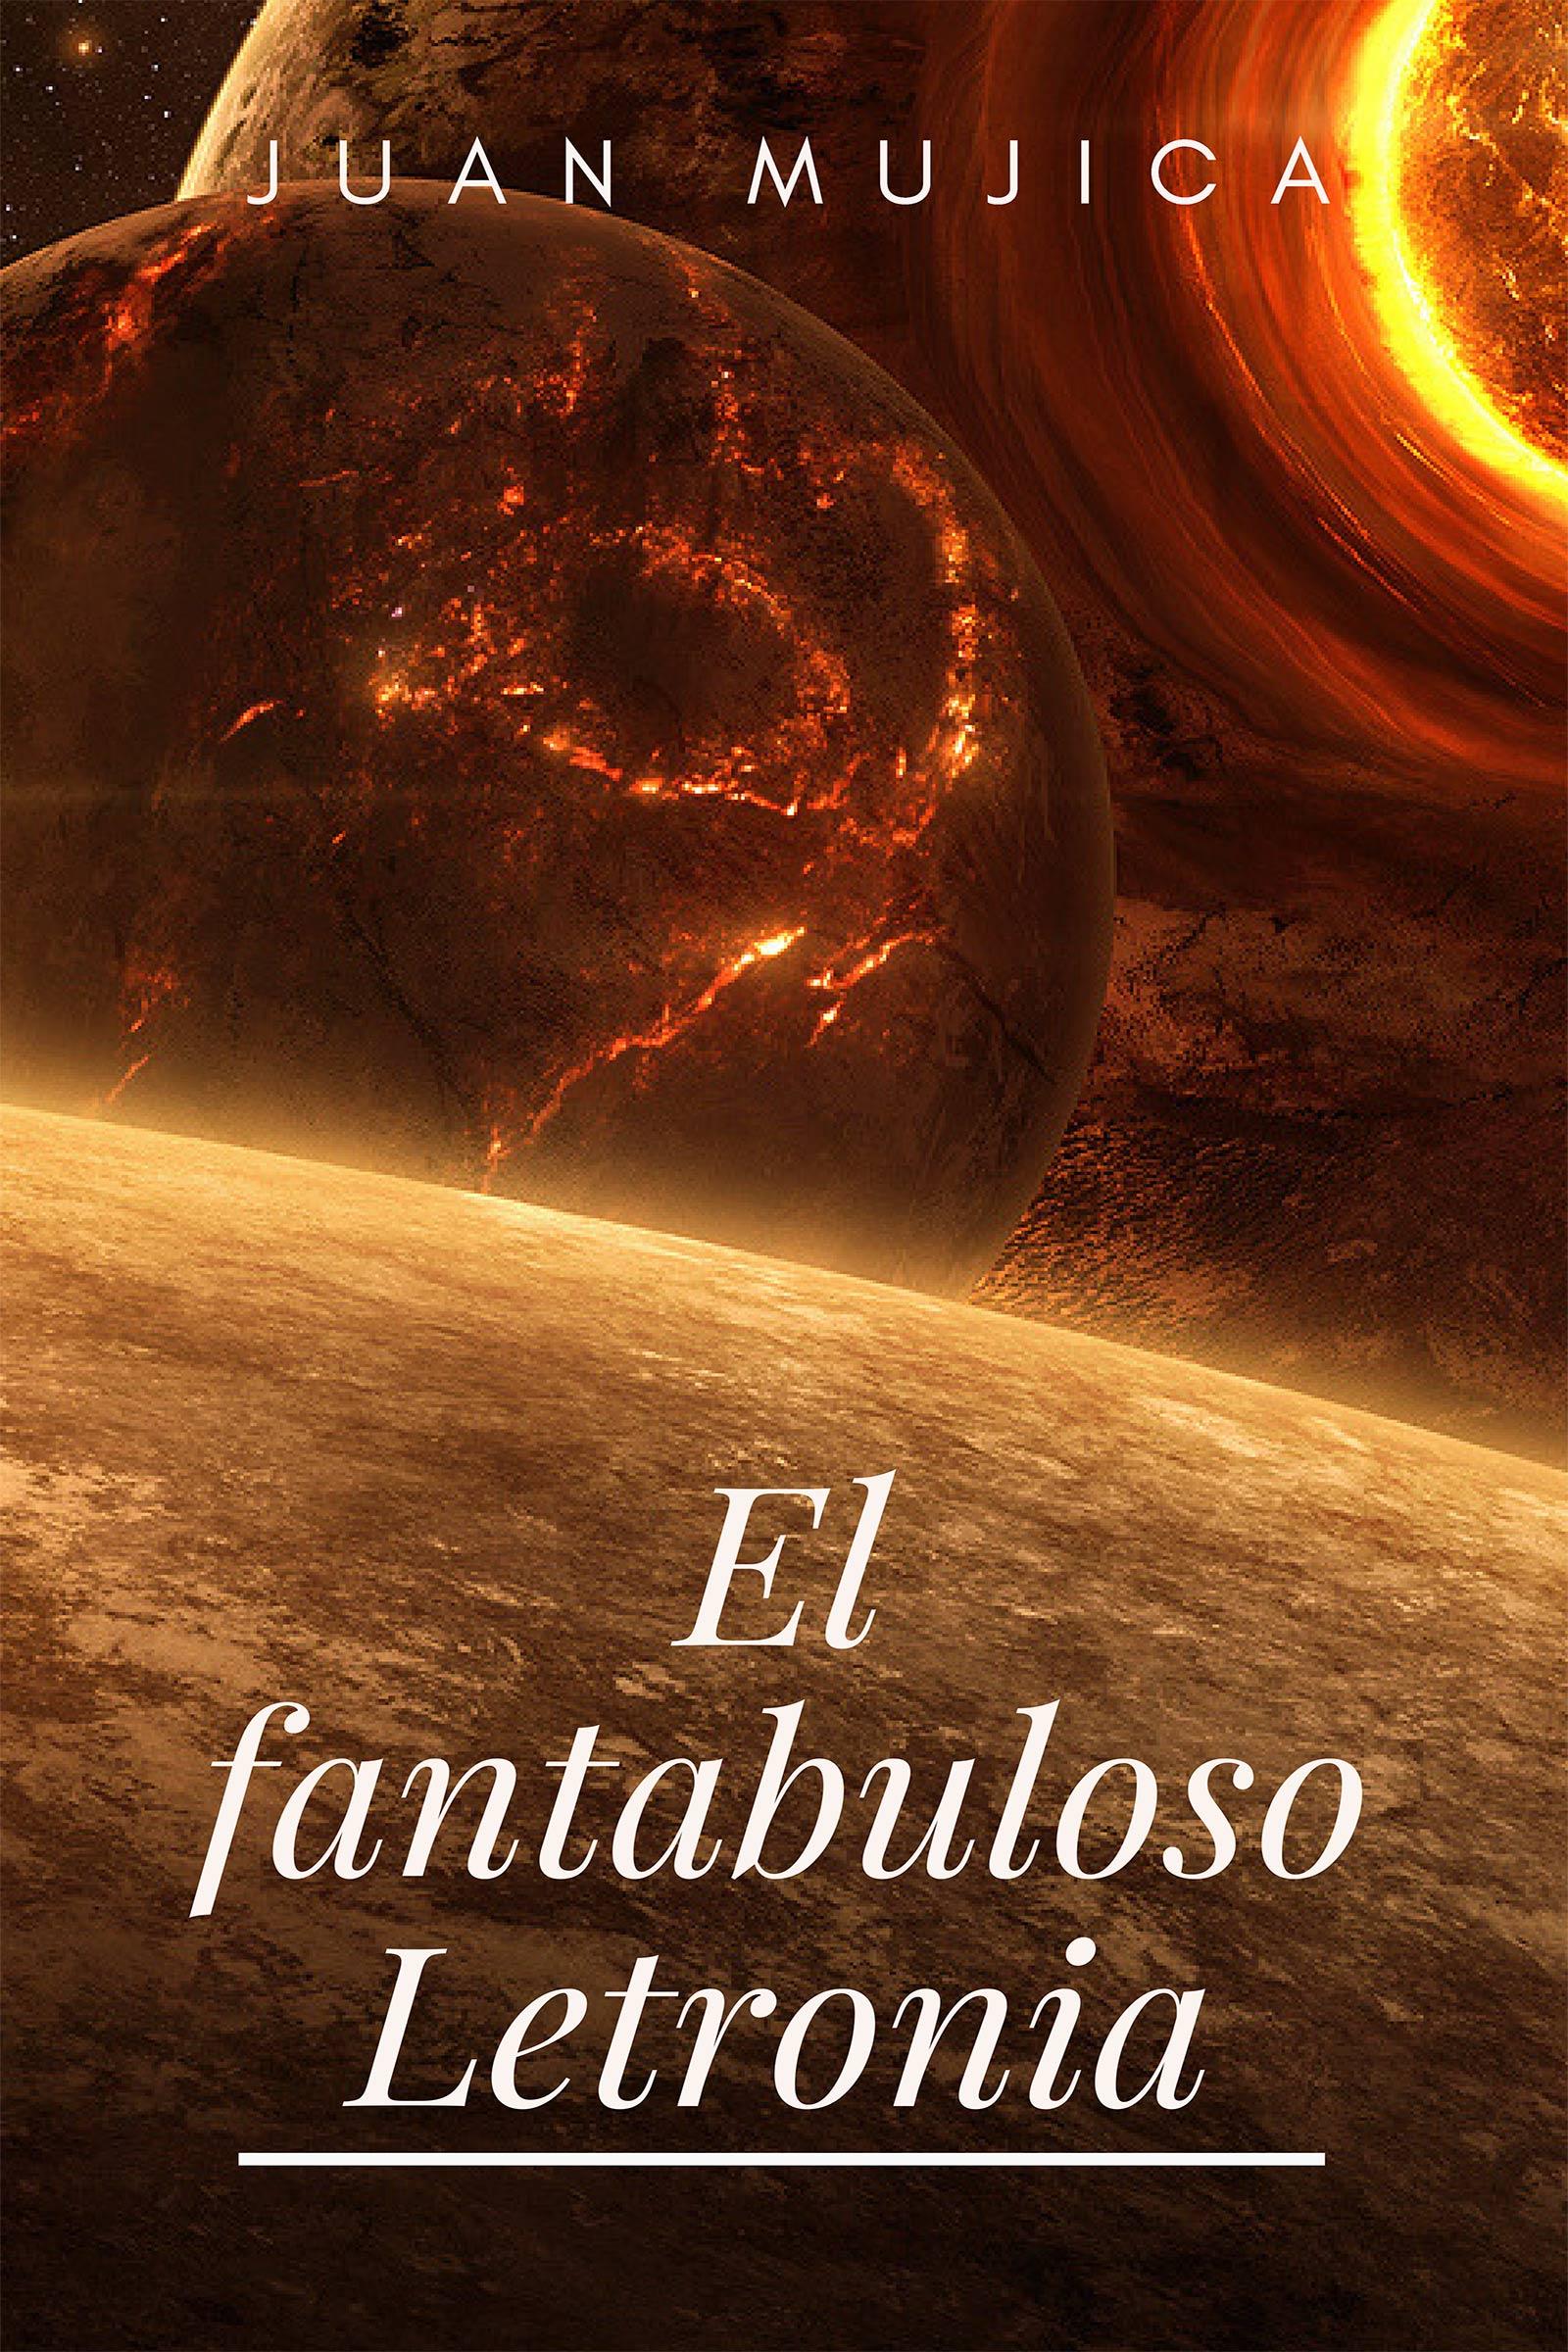 EL FANTABULOSO LETRONIA